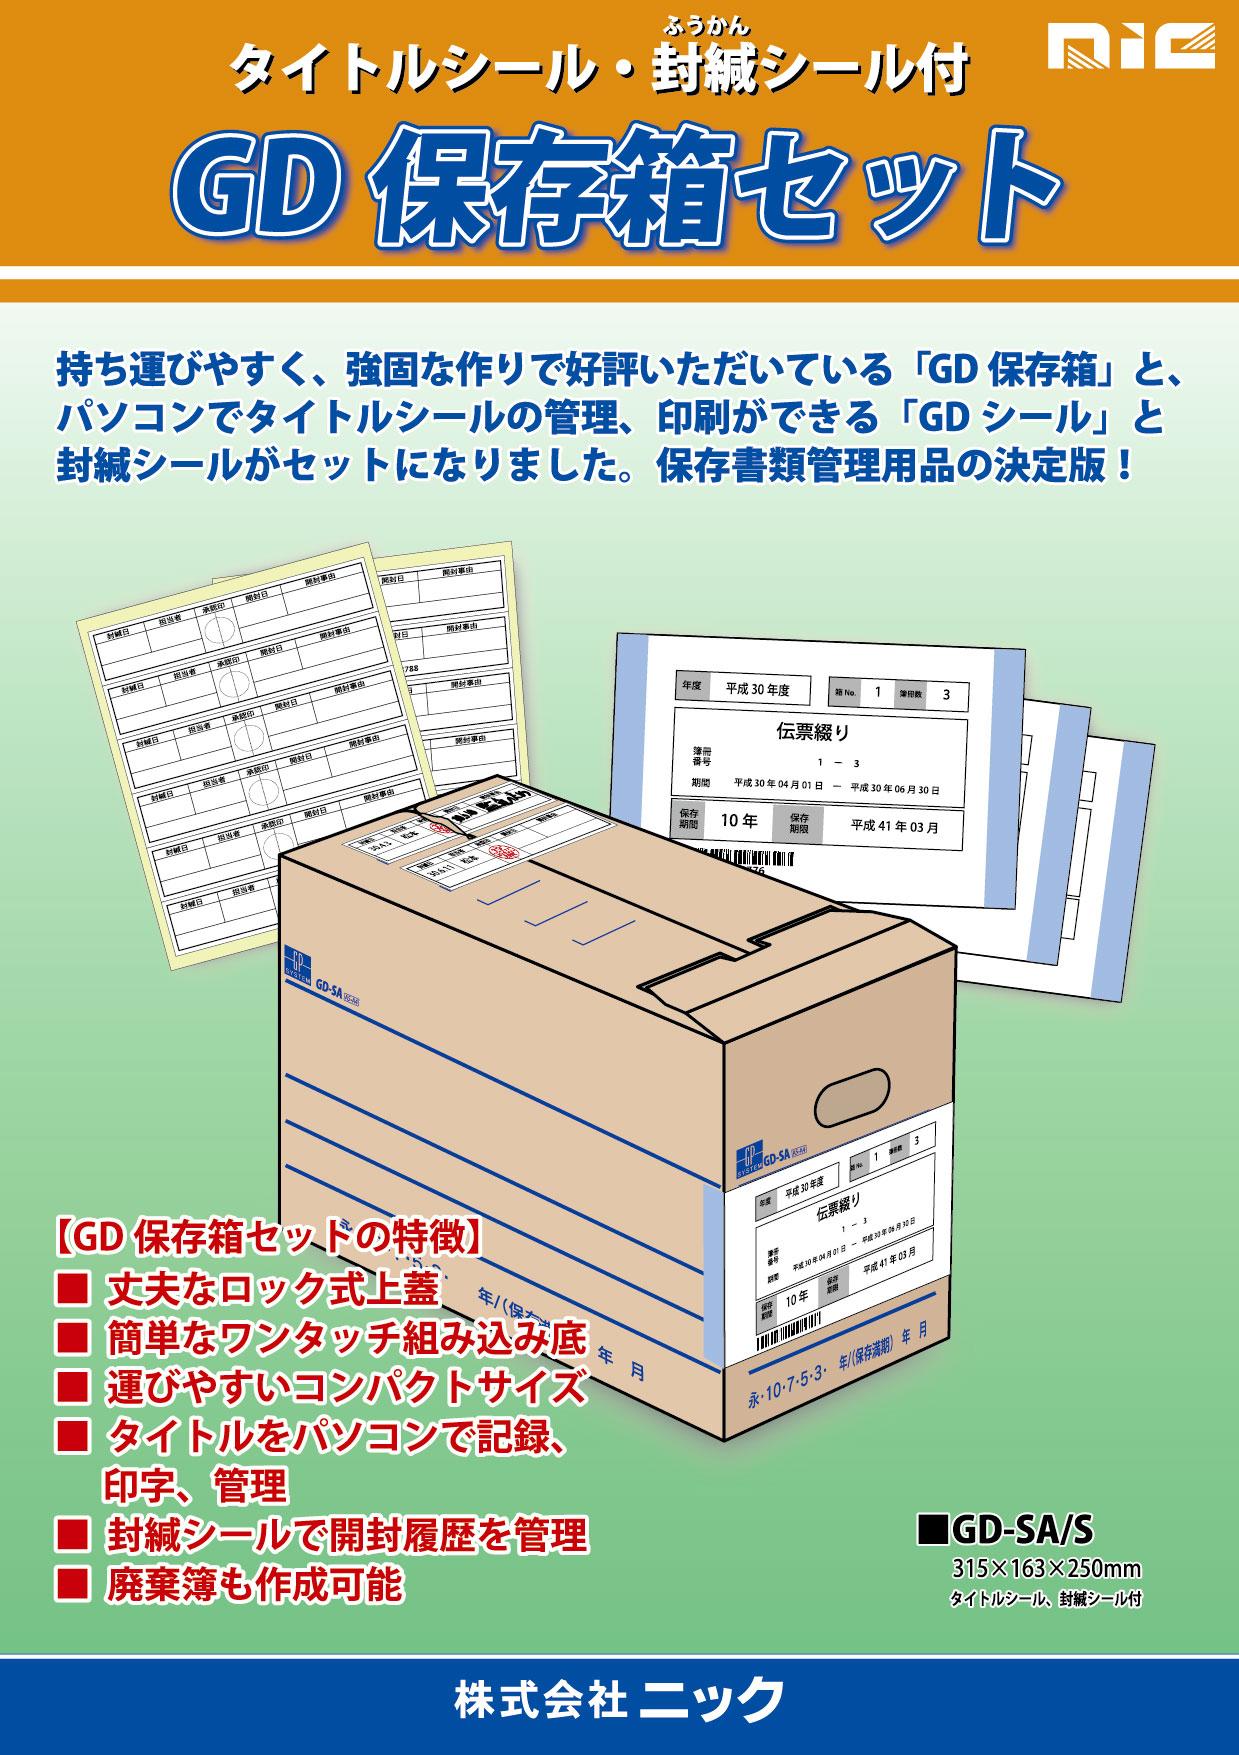 【JAの方へ】GD保存箱セット